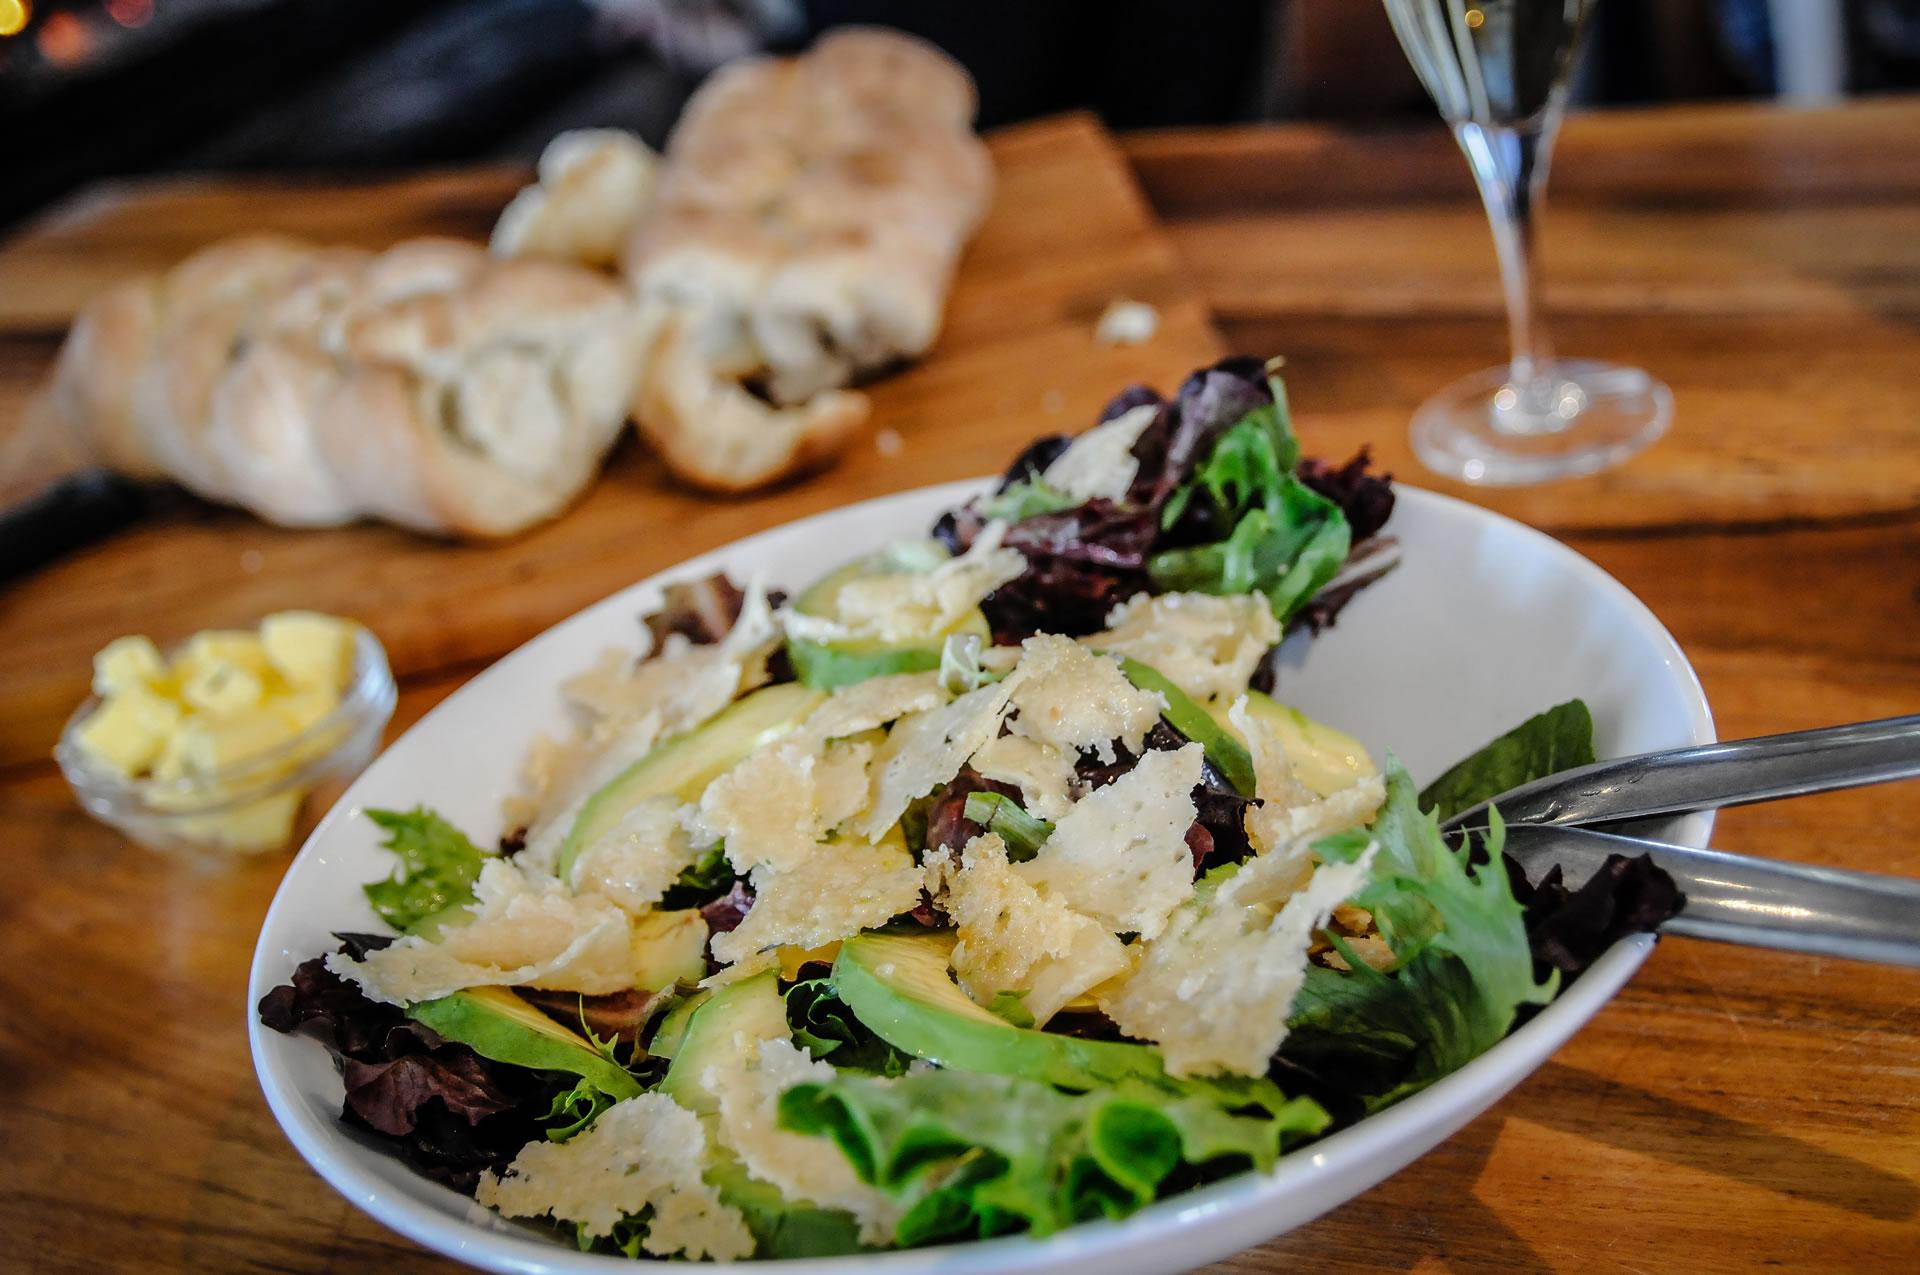 Salad and glass